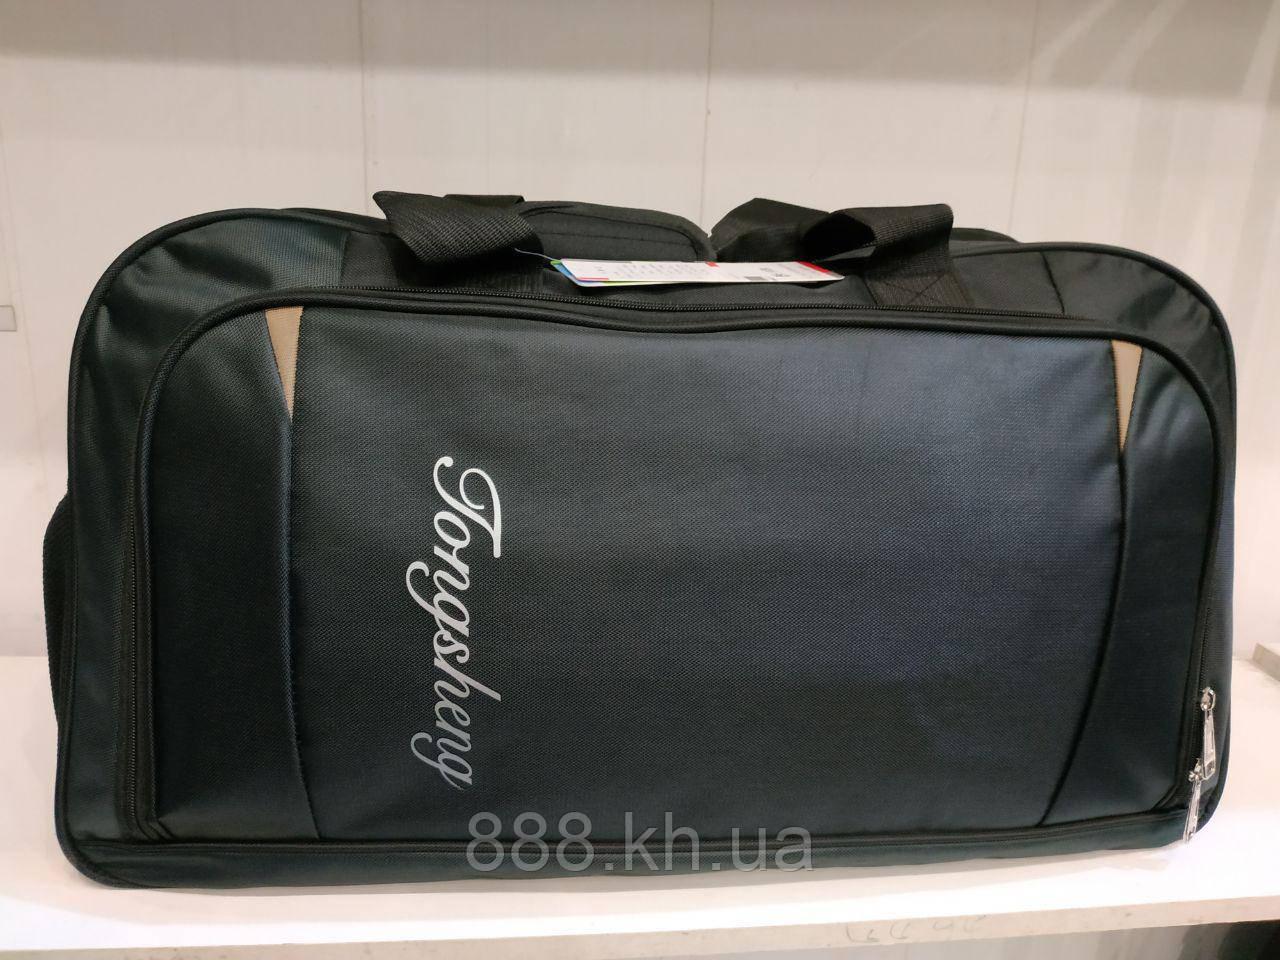 Дорожная универсальная сумка, сумка для поездок, дорожная сумка (черный)